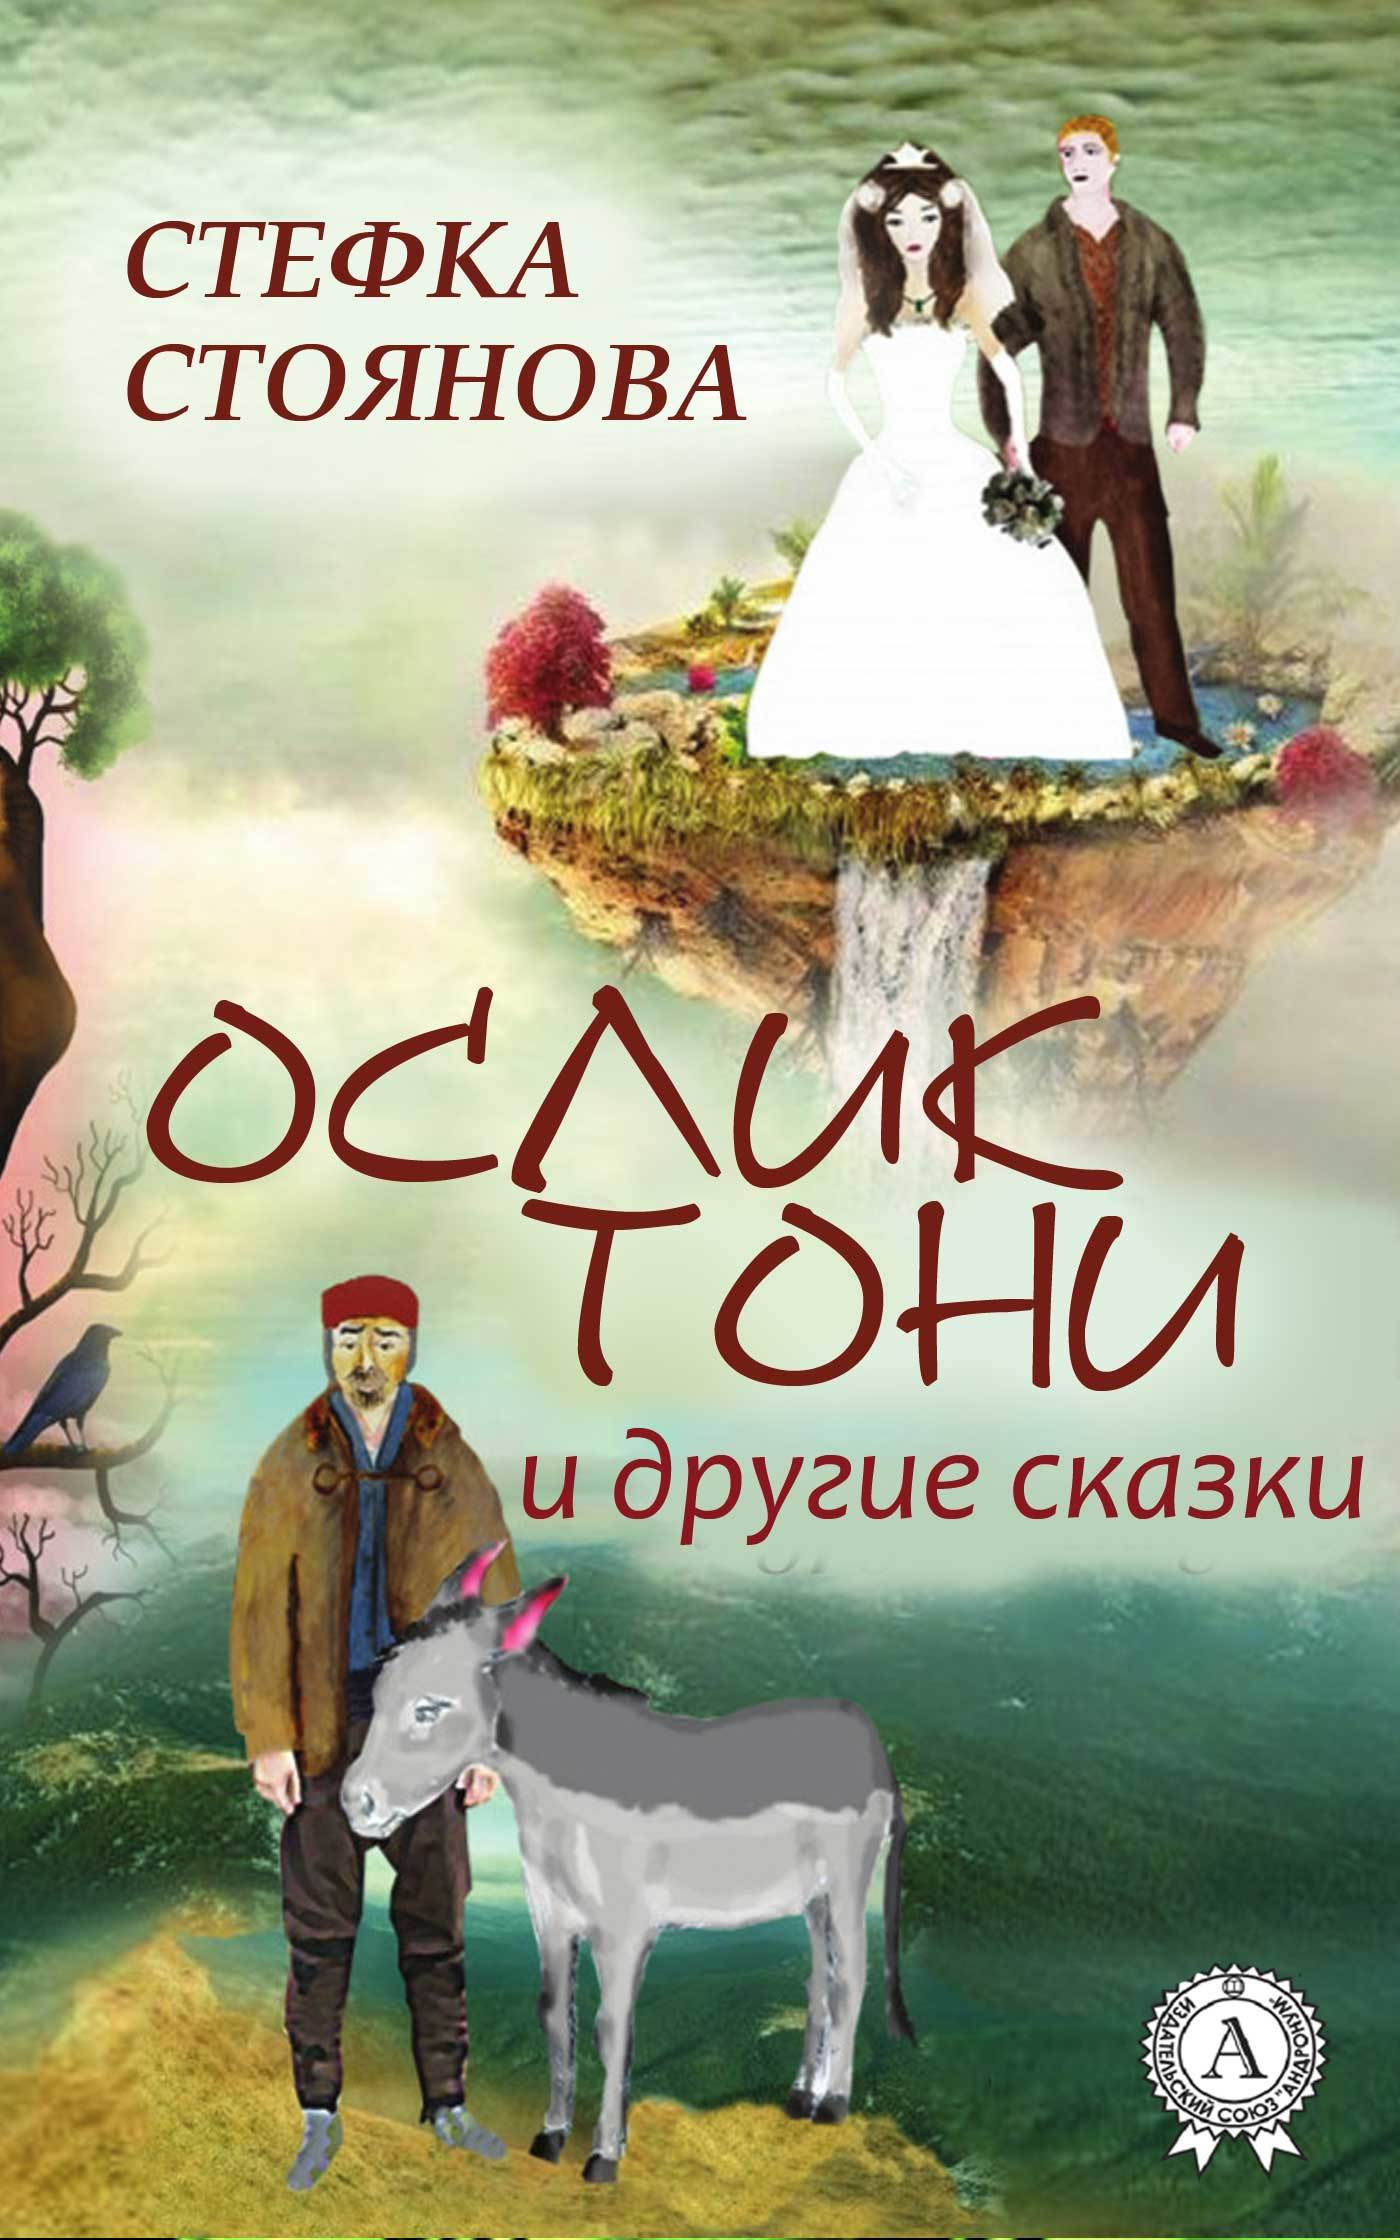 Стефка Стоянова бесплатно